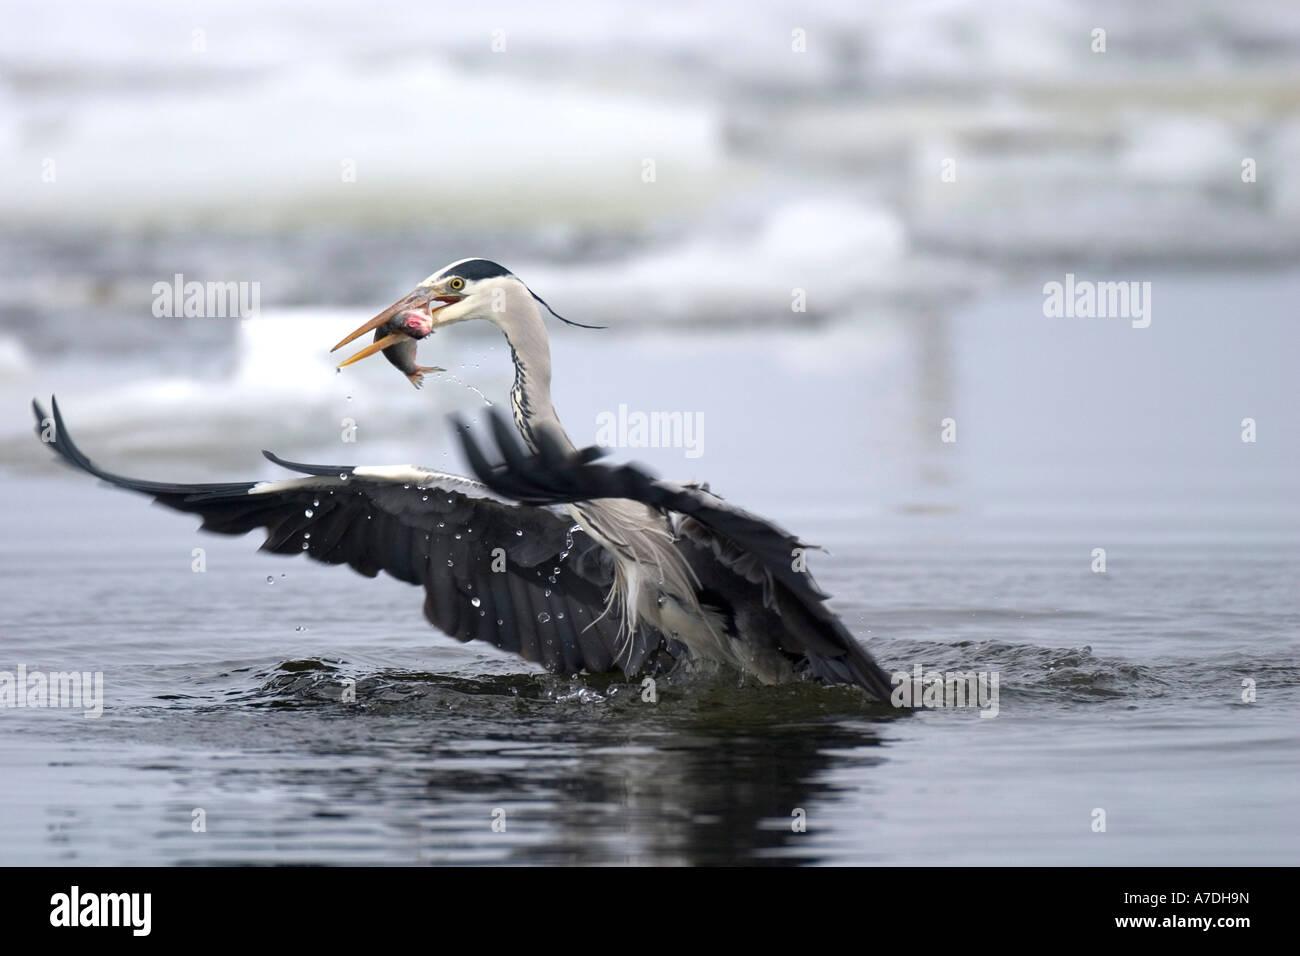 Graureiher der einen Fisch erbeutet hat beim Starten und Abfliegen aus dem Wasser - Stock Image